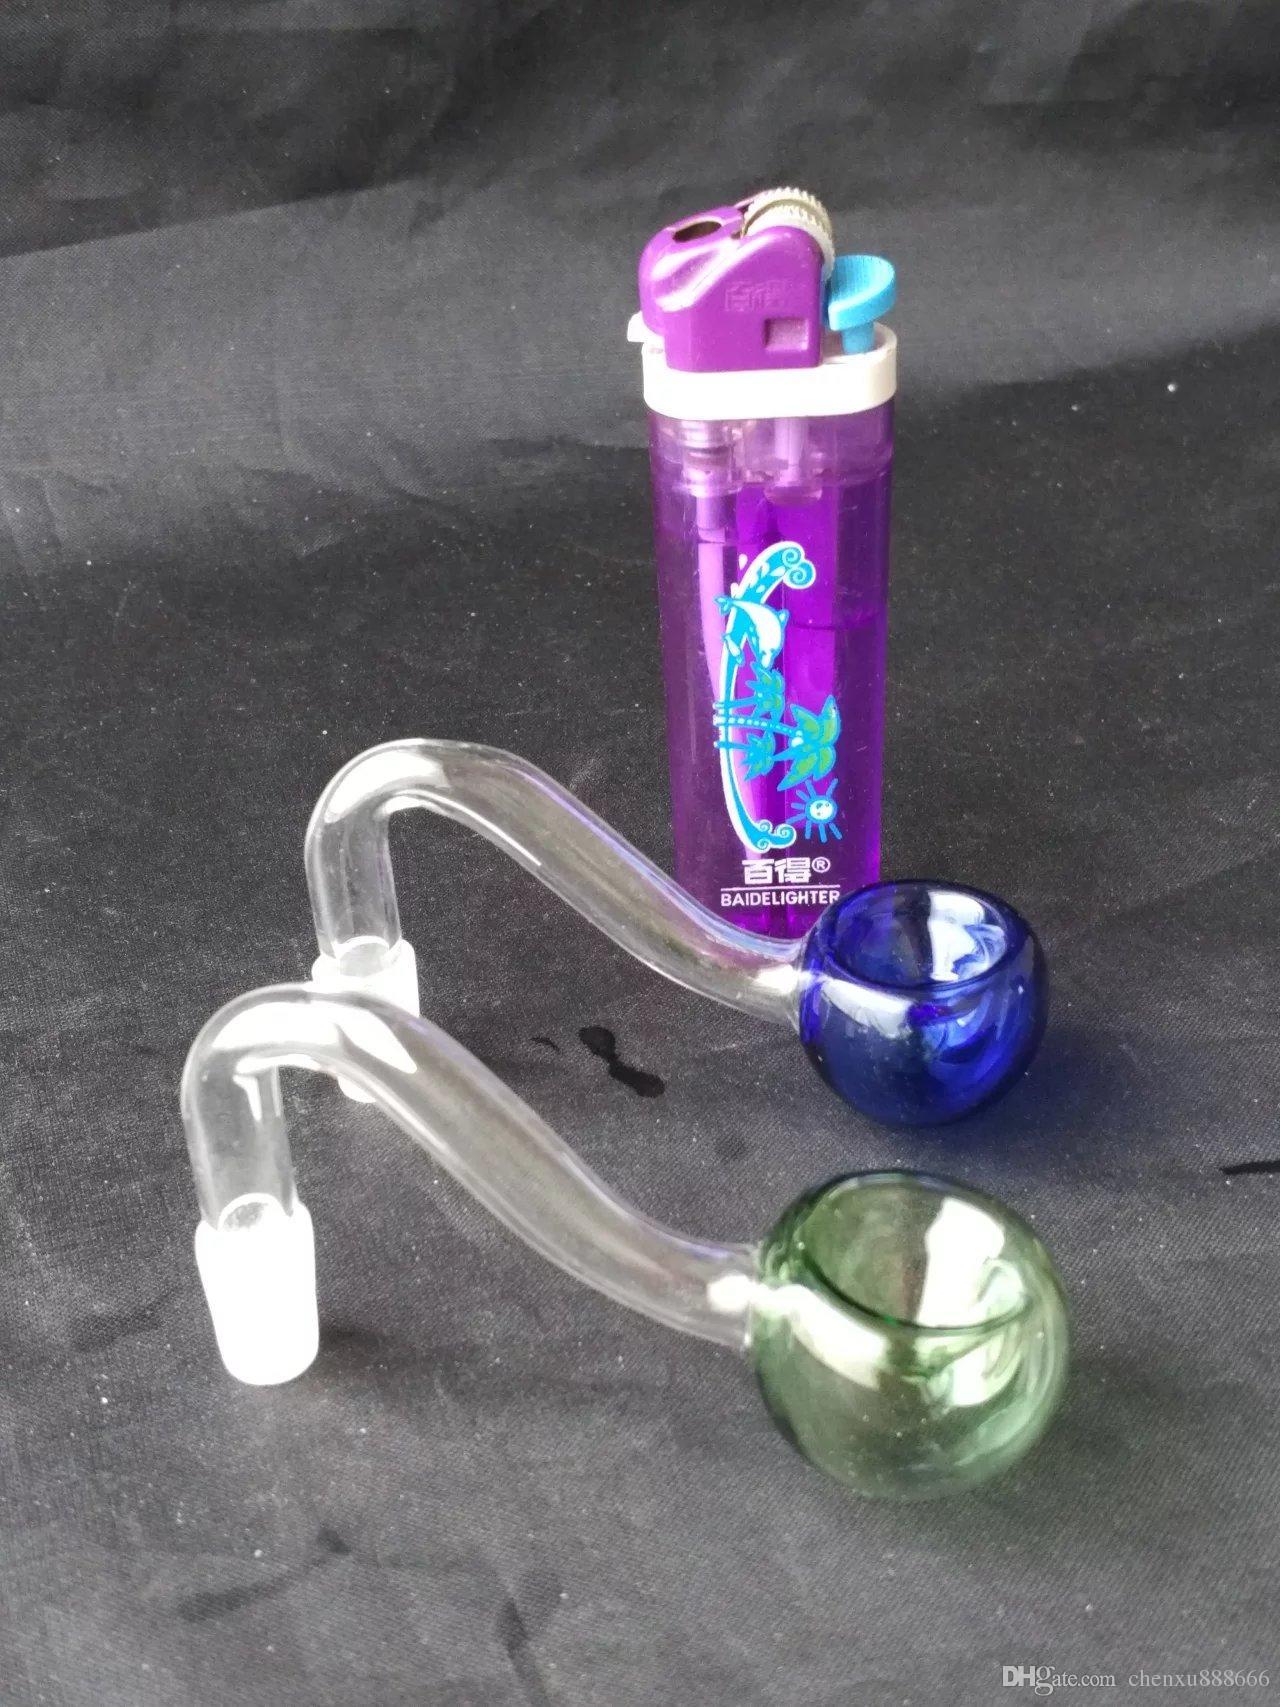 Голубь pang бонги аксессуары , стекло водопровод курительные трубы перколятор стеклянные бонги масляная горелка водопроводные трубы нефтяные вышки курение с капельницей